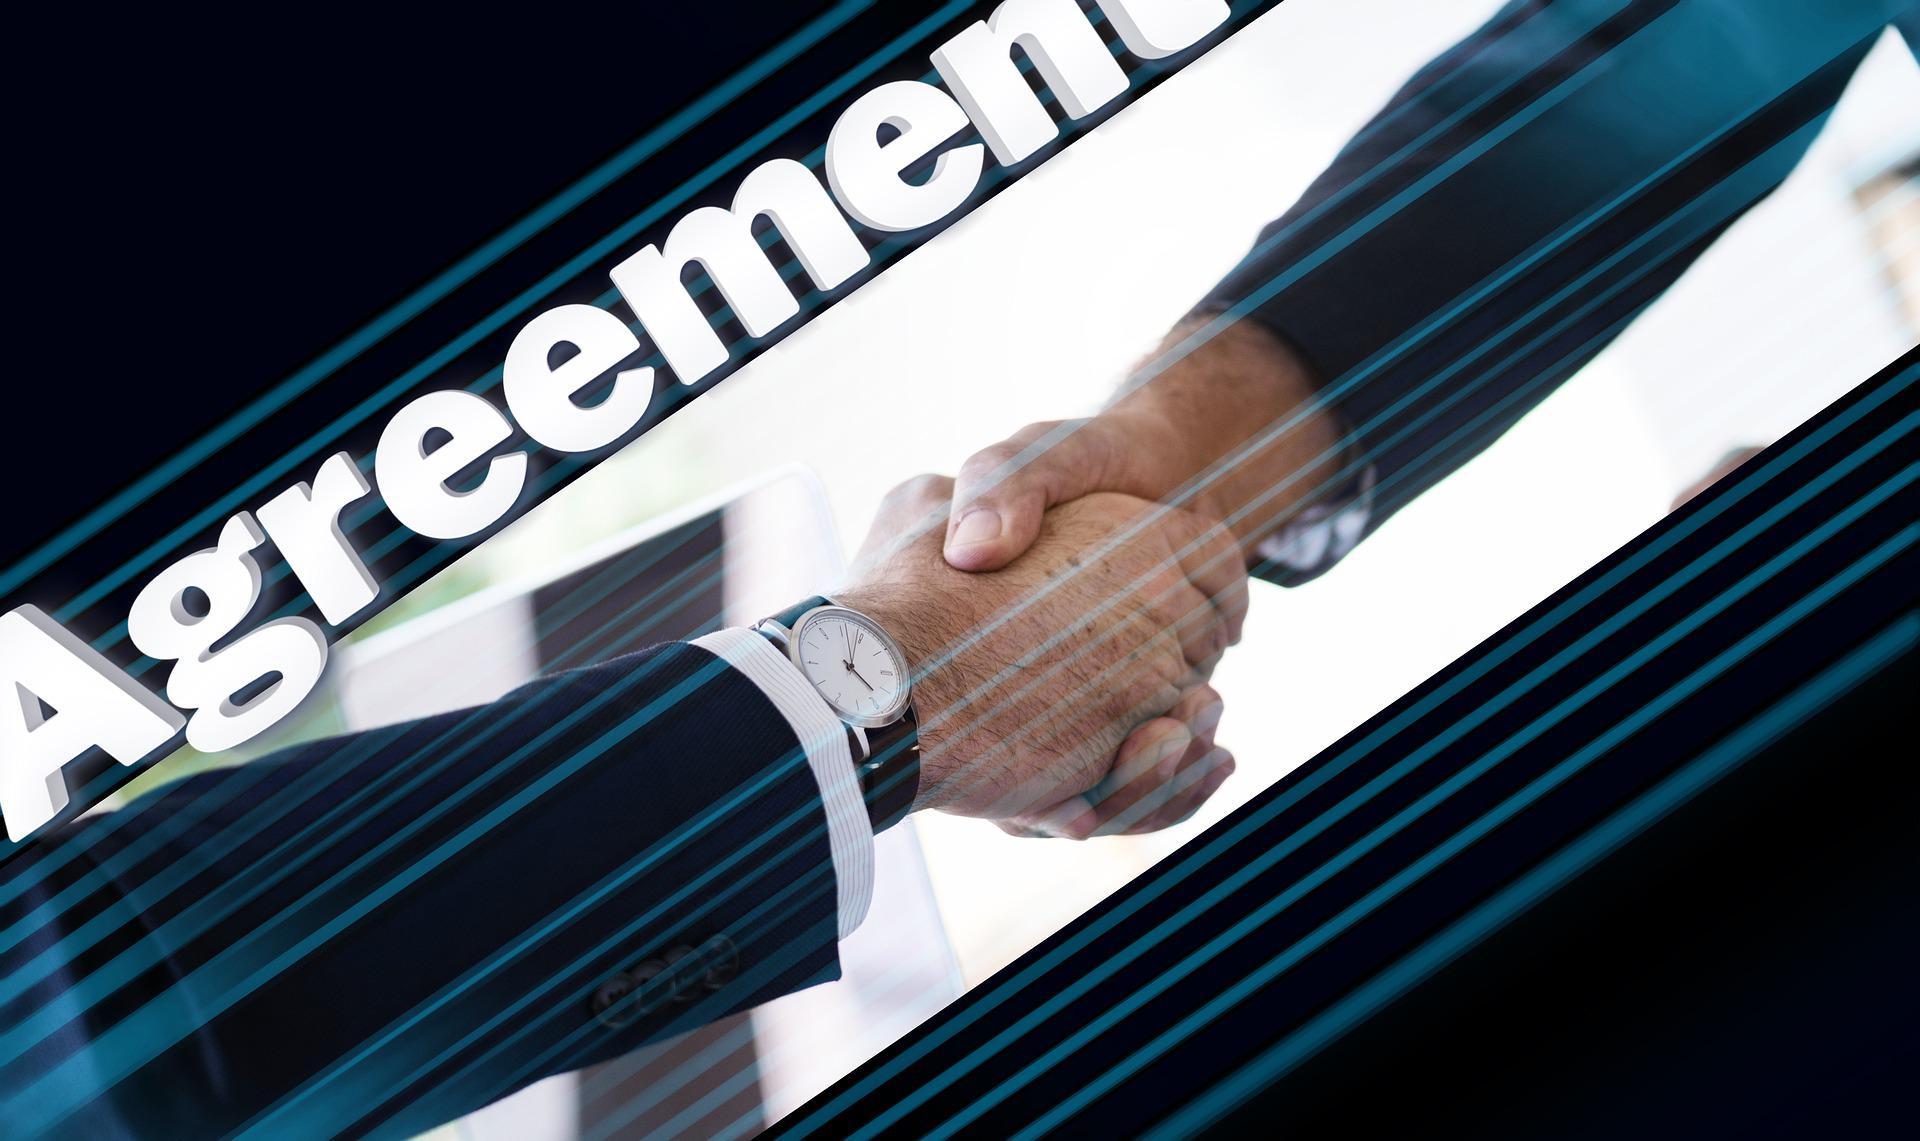 Переговоры по налоговому соглашению с Кипром продолжатся в августе